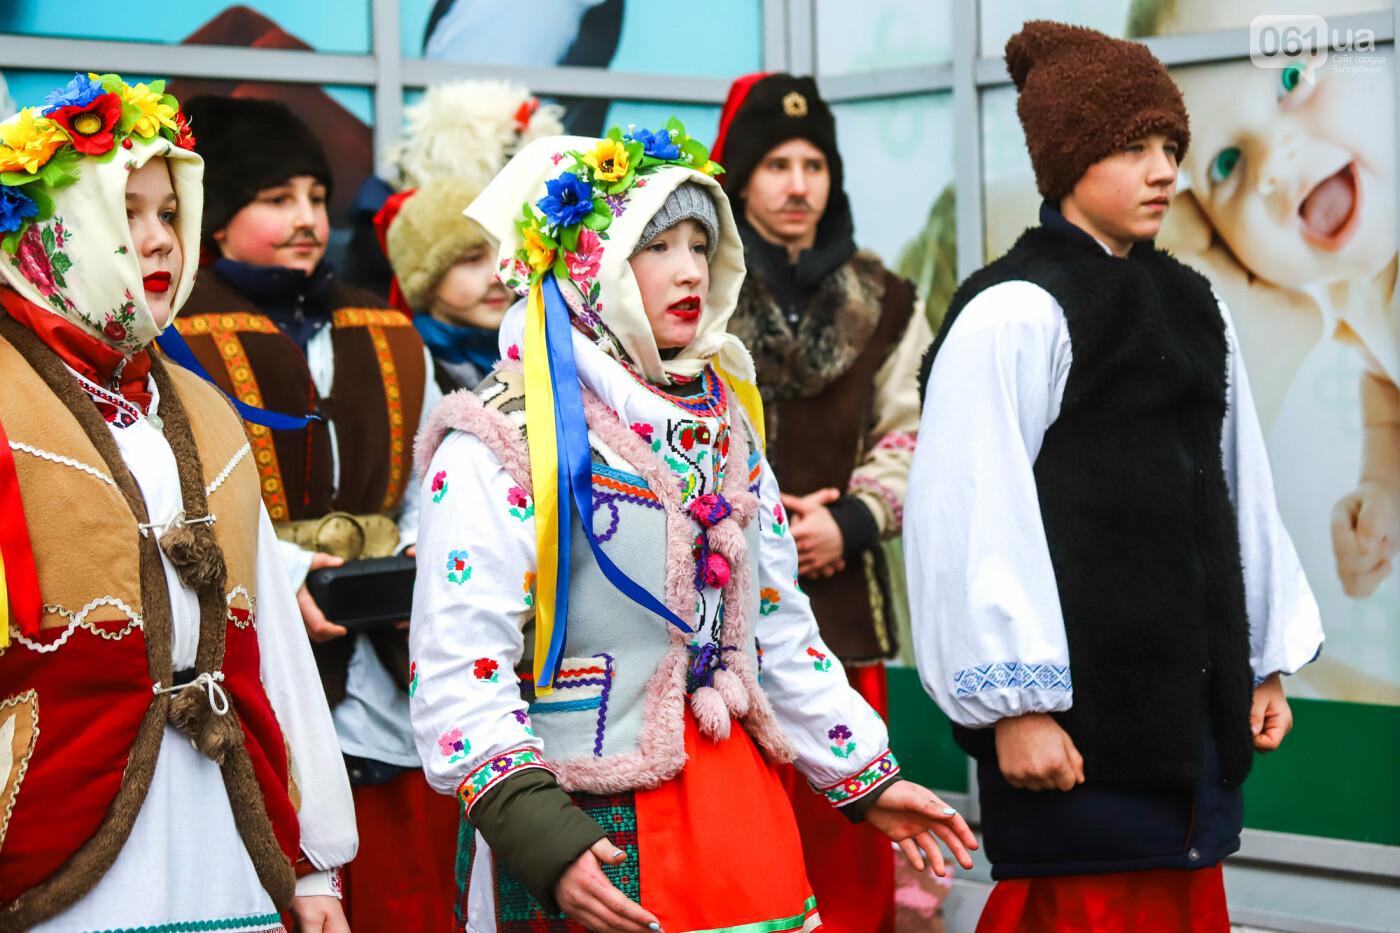 Нечистая сила против казаков: на улицах Запорожья показывали Рождественский вертеп, - ФОТО, ВИДЕО  , фото-7